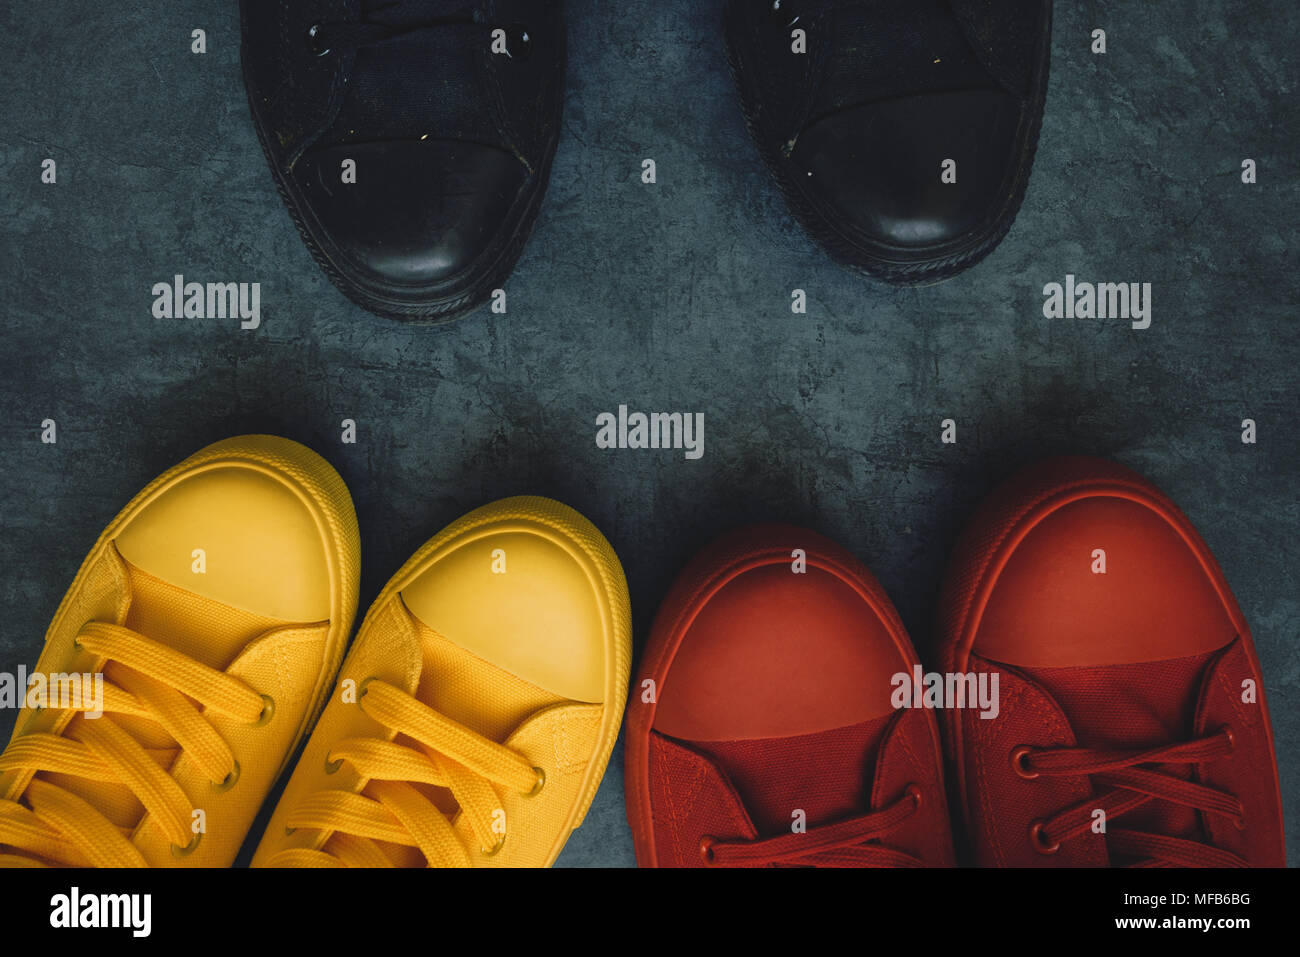 Enfrentamiento juvenil imagen conceptual. Los jóvenes en coloridas sneakers que enfrenta una persona en negro calzado casual. Imagen De Stock